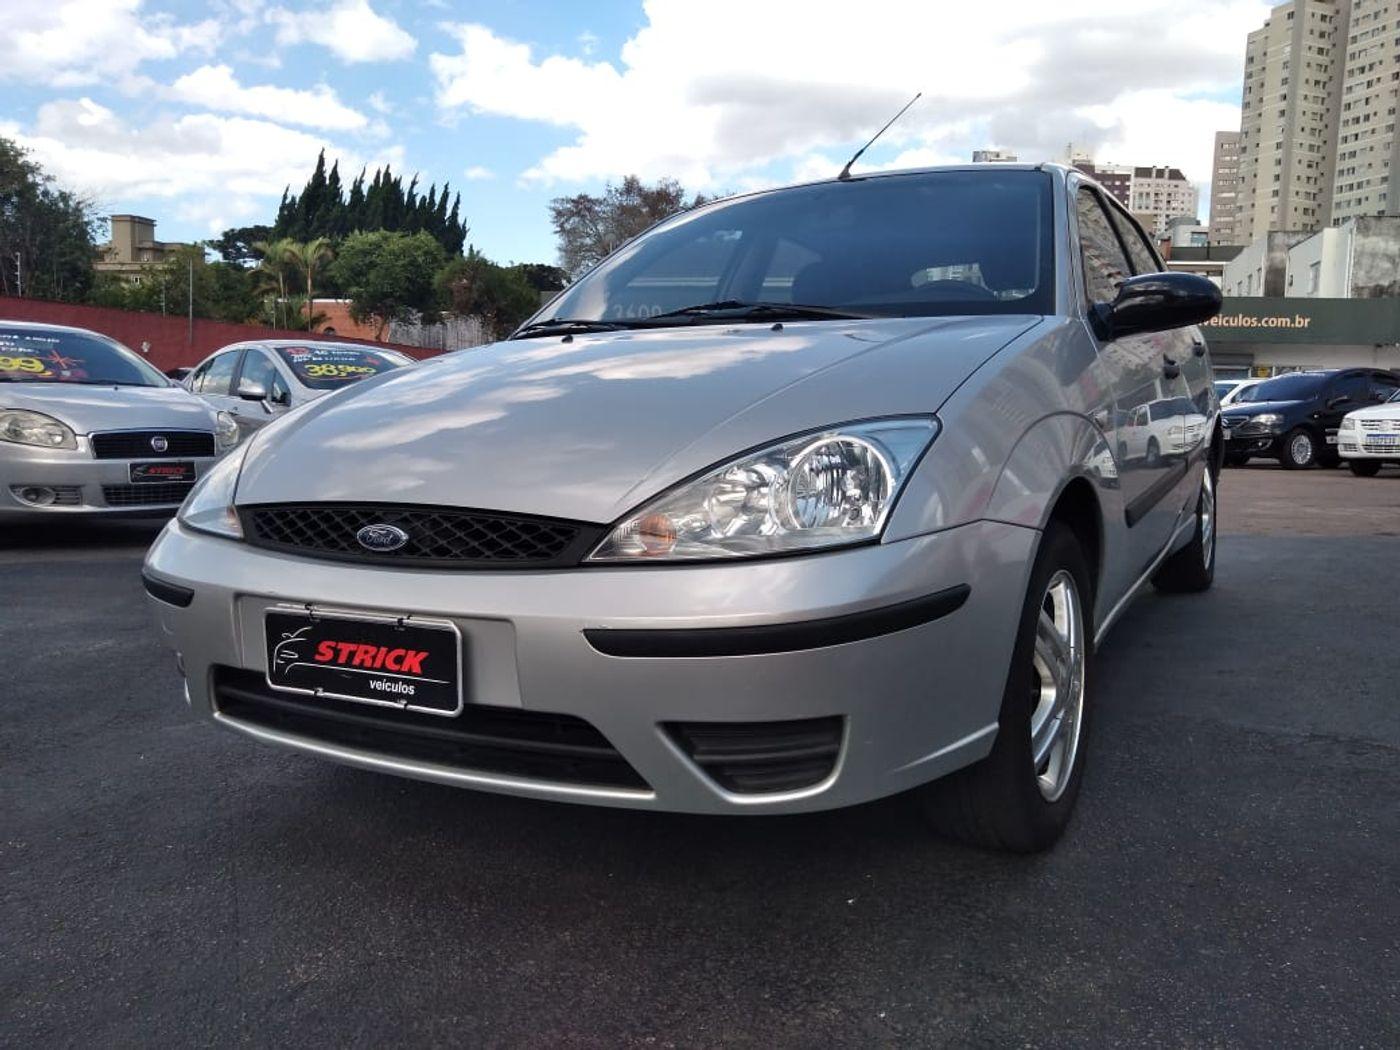 Ford Focus 2.0 16V/ 2.0 16V Flex 5p